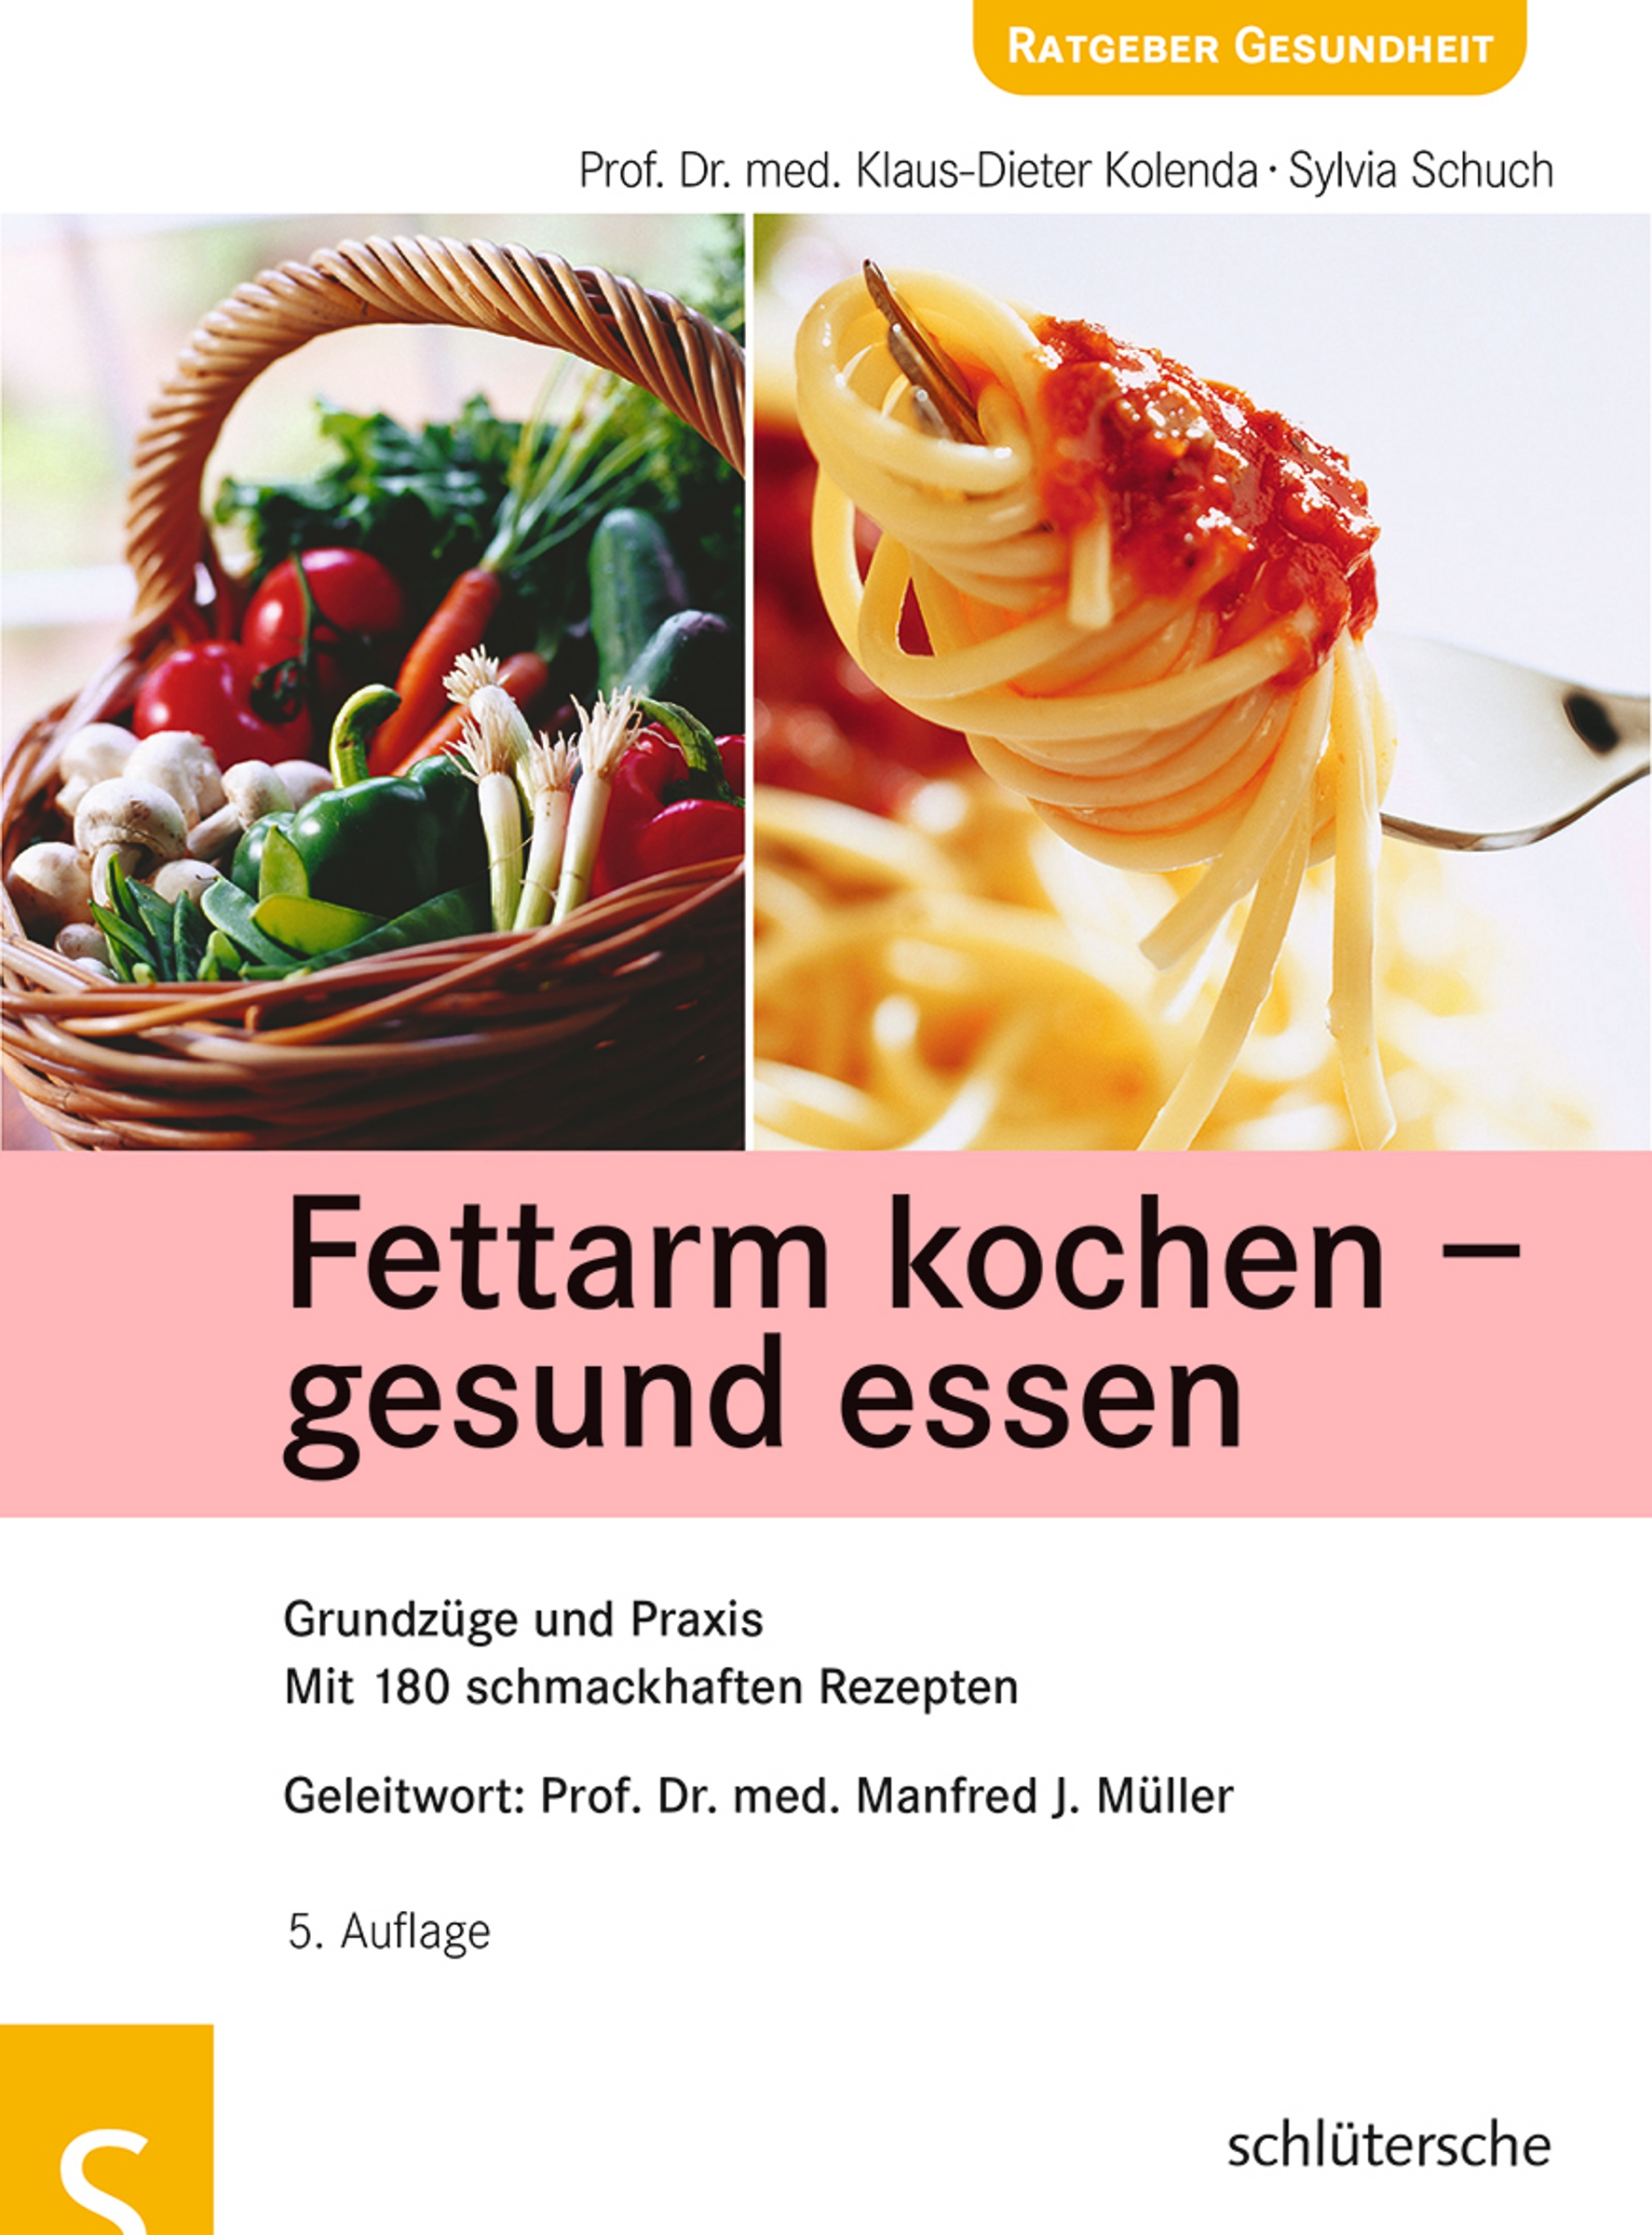 Fettarm kochen - gesund essen: Grundzüge und Pr...